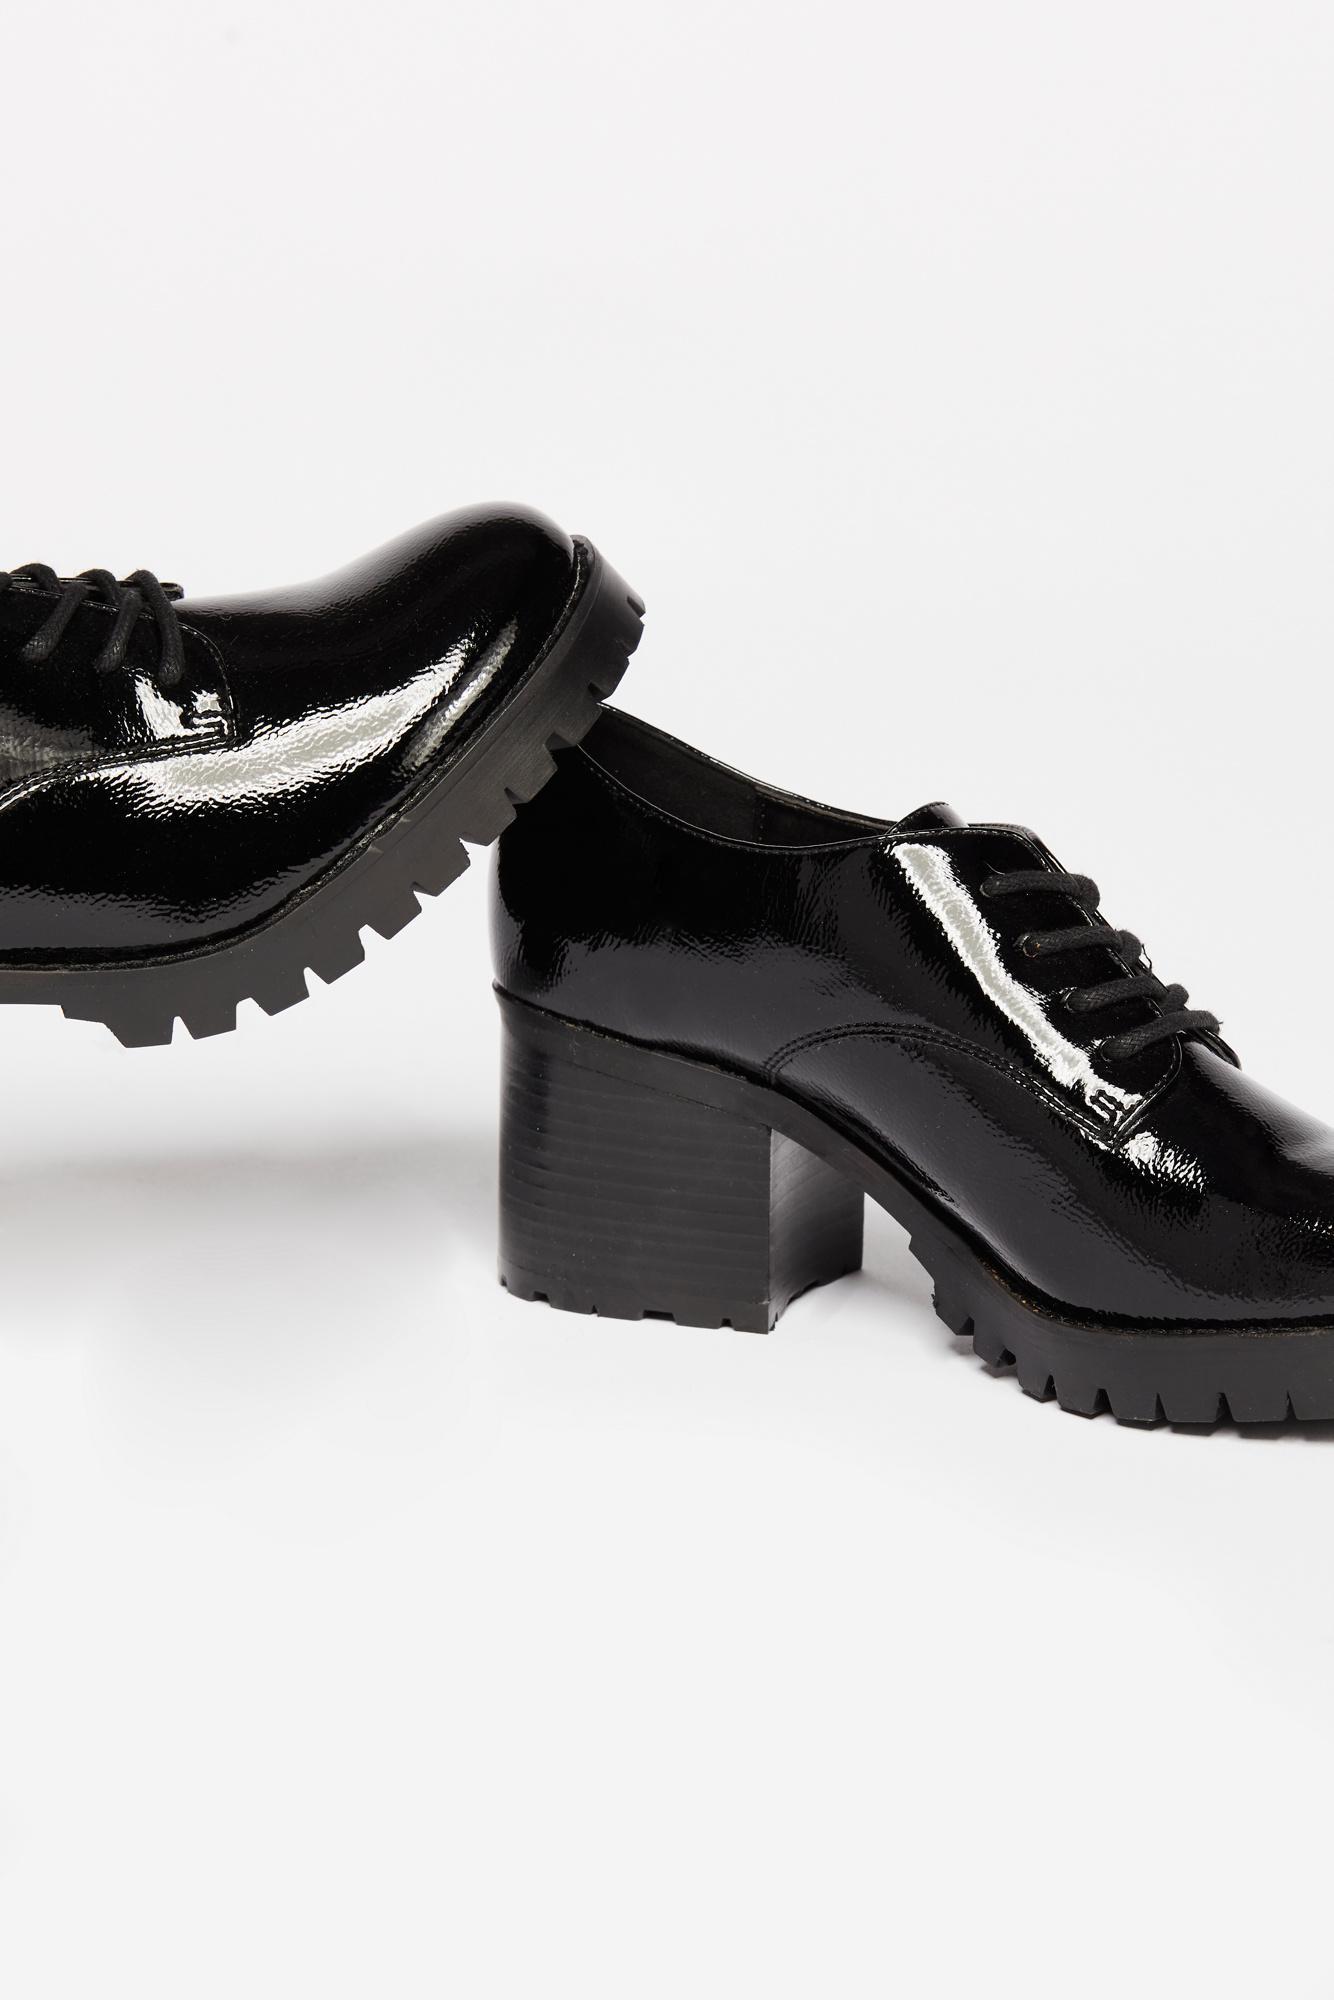 7b9e65fa884e Lyst - Free People Lennox Block Heel By Jane   The Shoe in Black